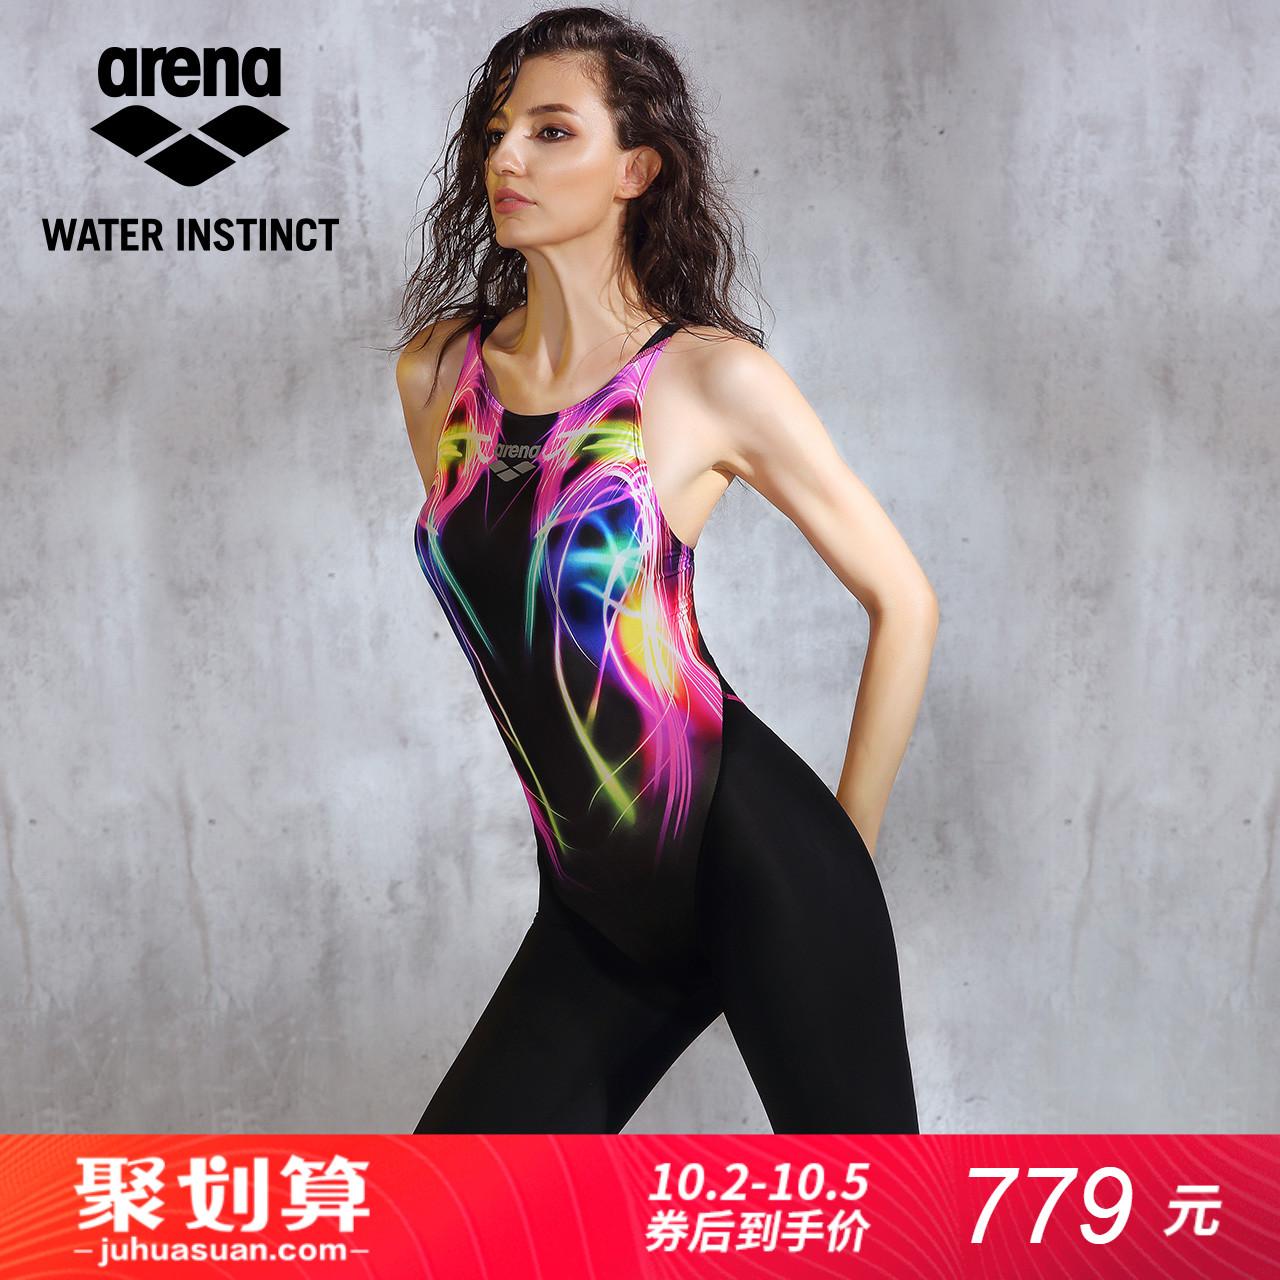 arena阿瑞娜 女士连体平角泳衣专业竞技款游泳衣高弹利水低阻力